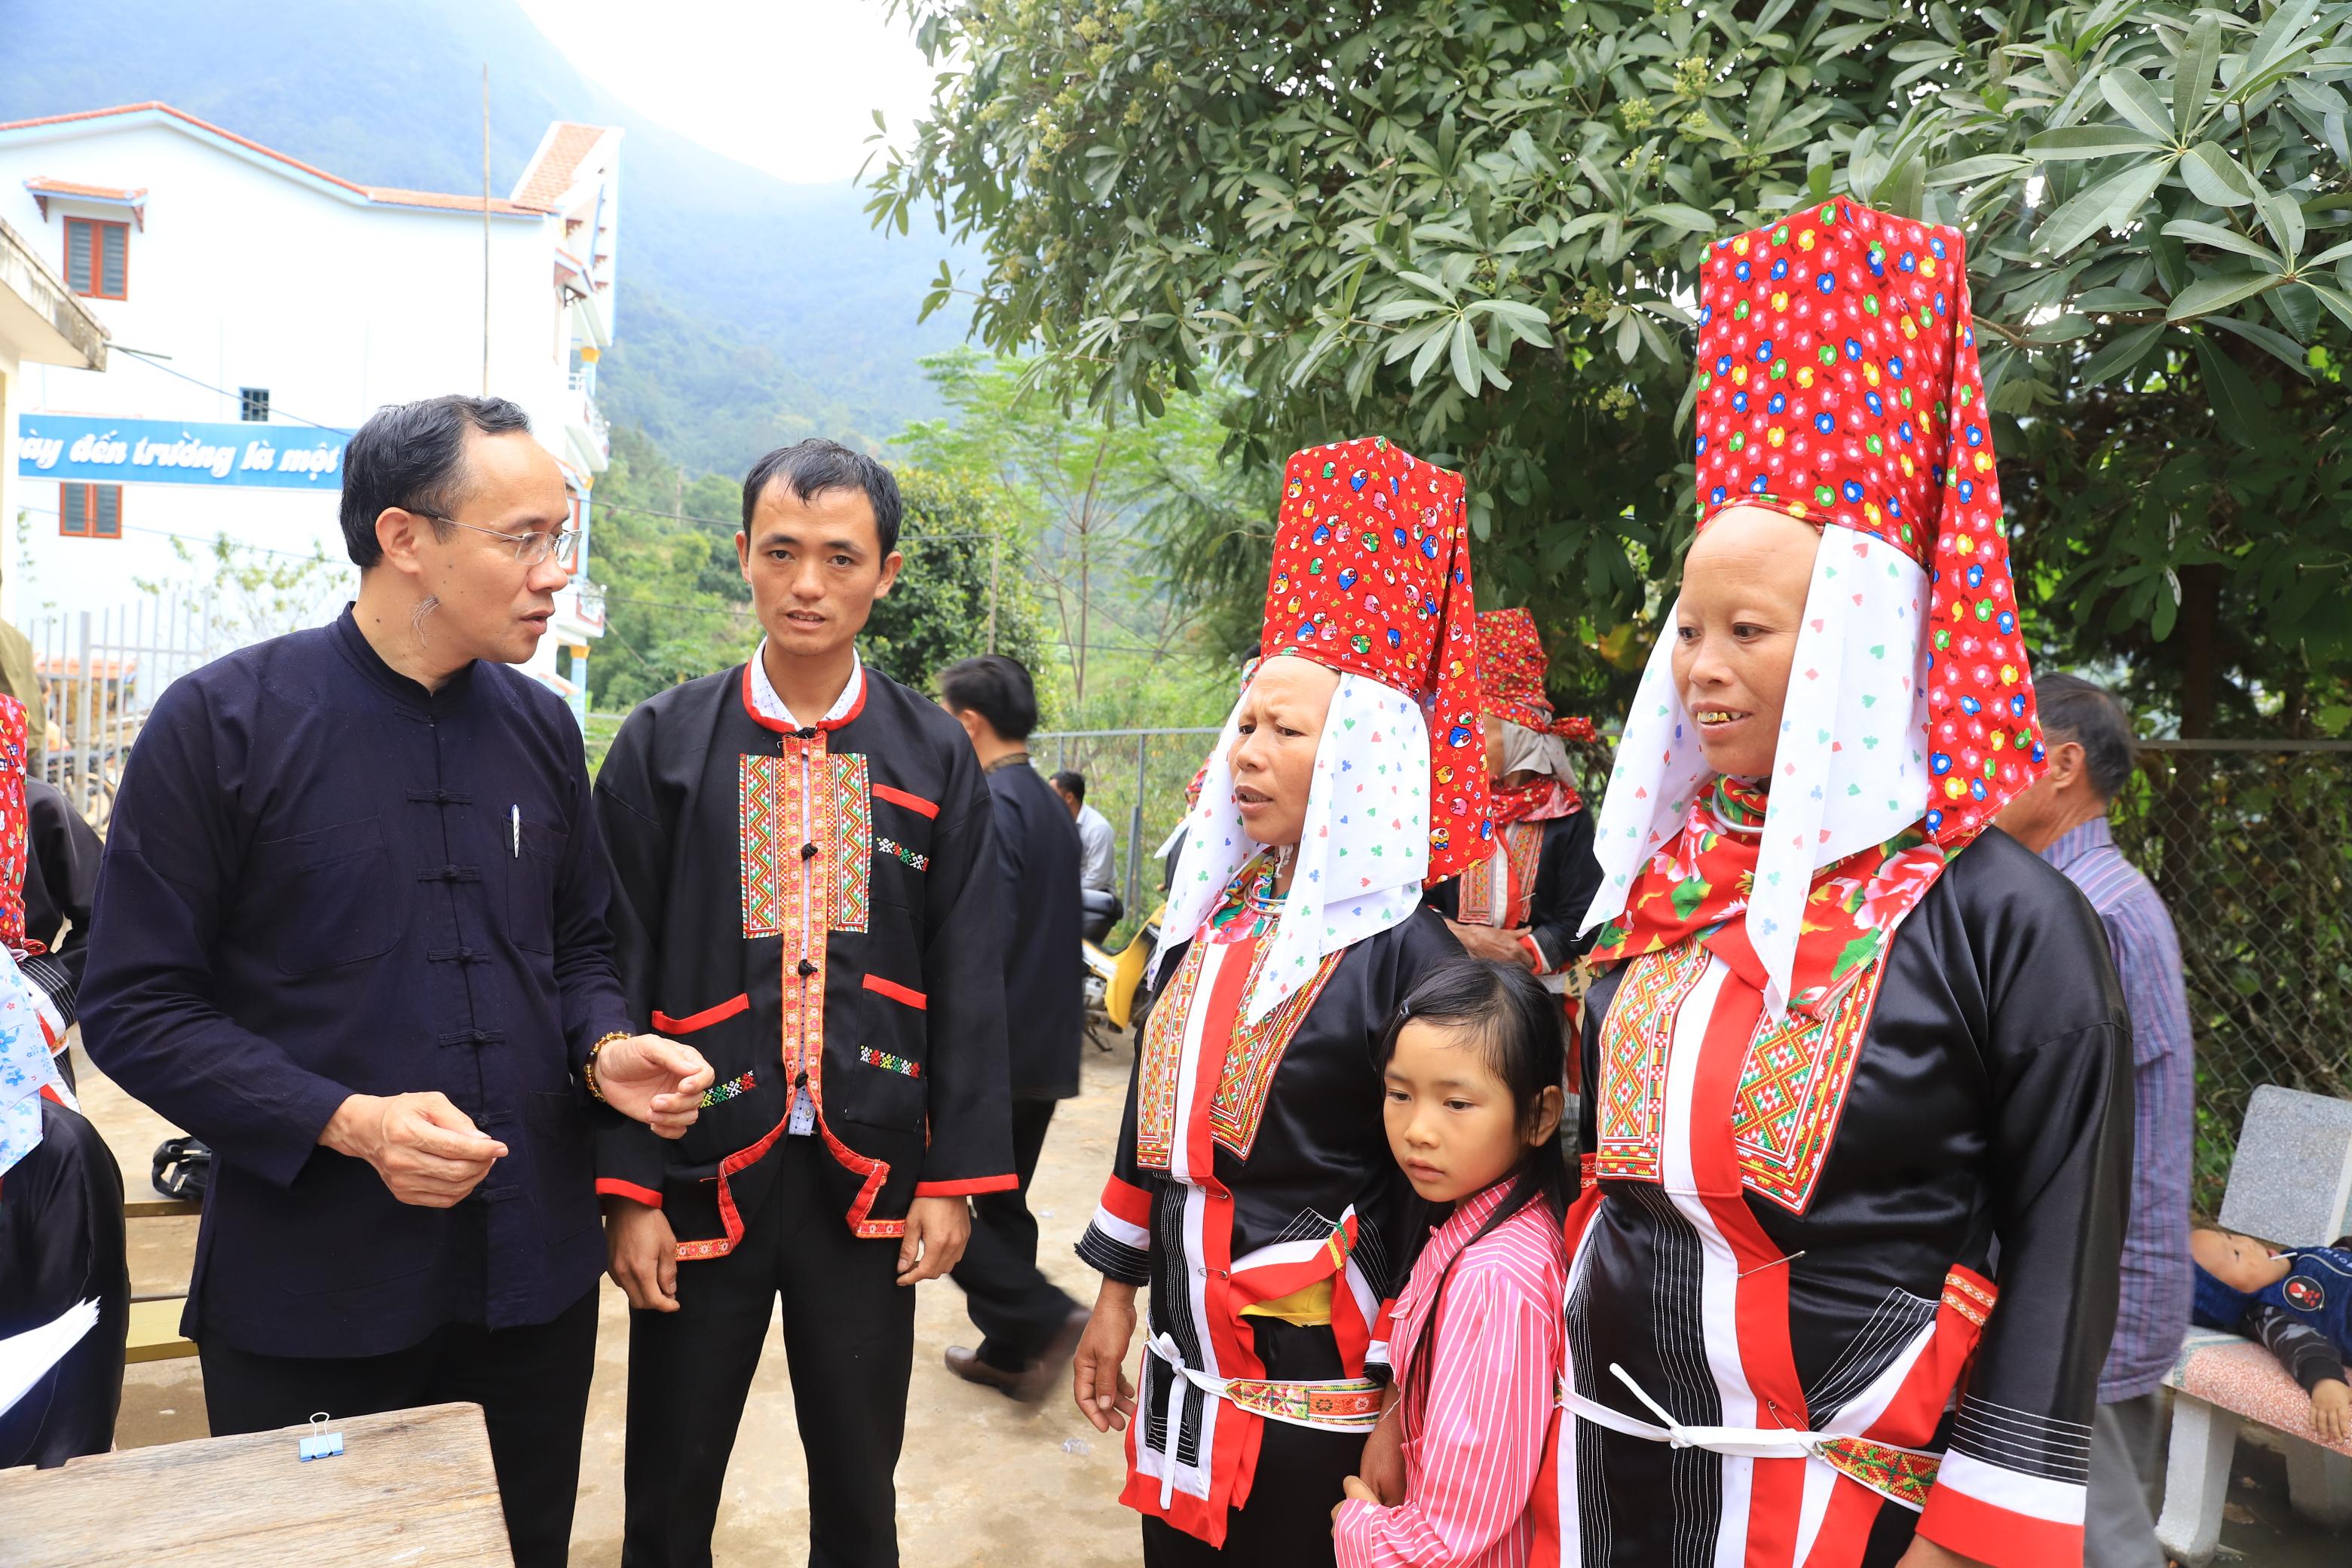 Bí thư huyện ủy Dương Mạnh Cường (thứ nhất bên trái)- Người lãnh đạo luôn lắng nghe tâm tư, nguyện vọng của Nhân dân